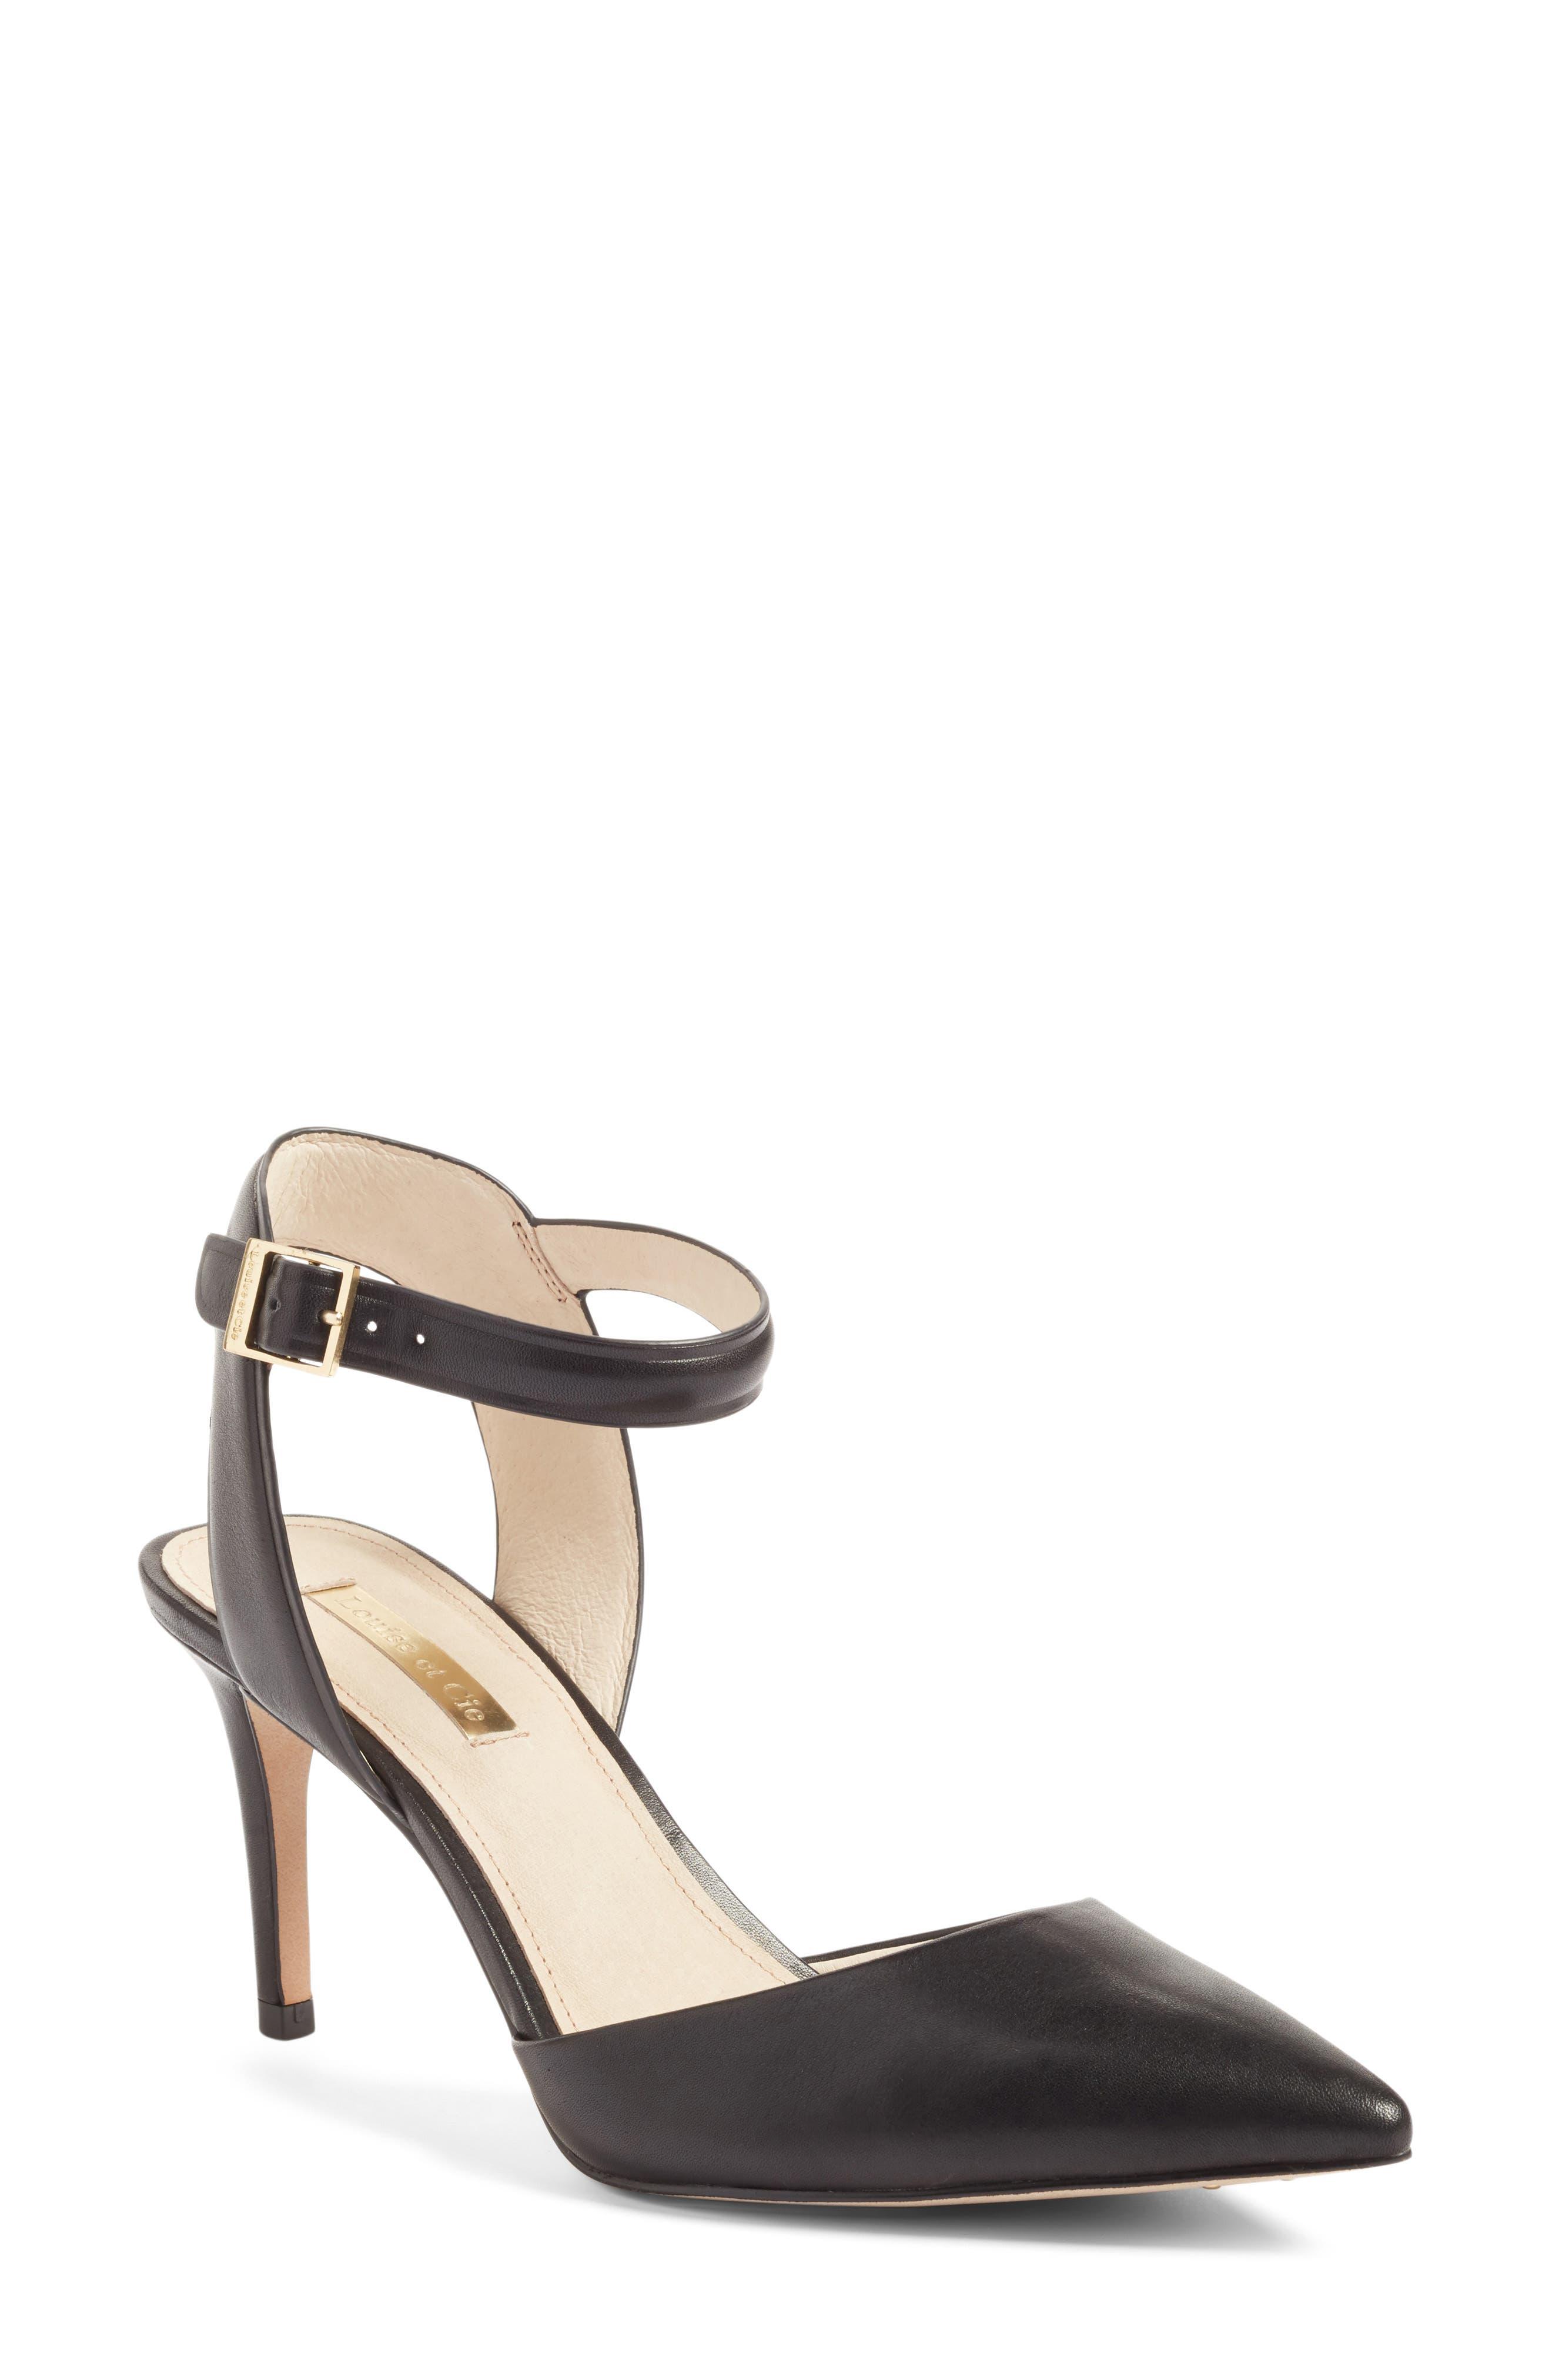 Louise Et Cie Kota Ankle Strap Pump, Black